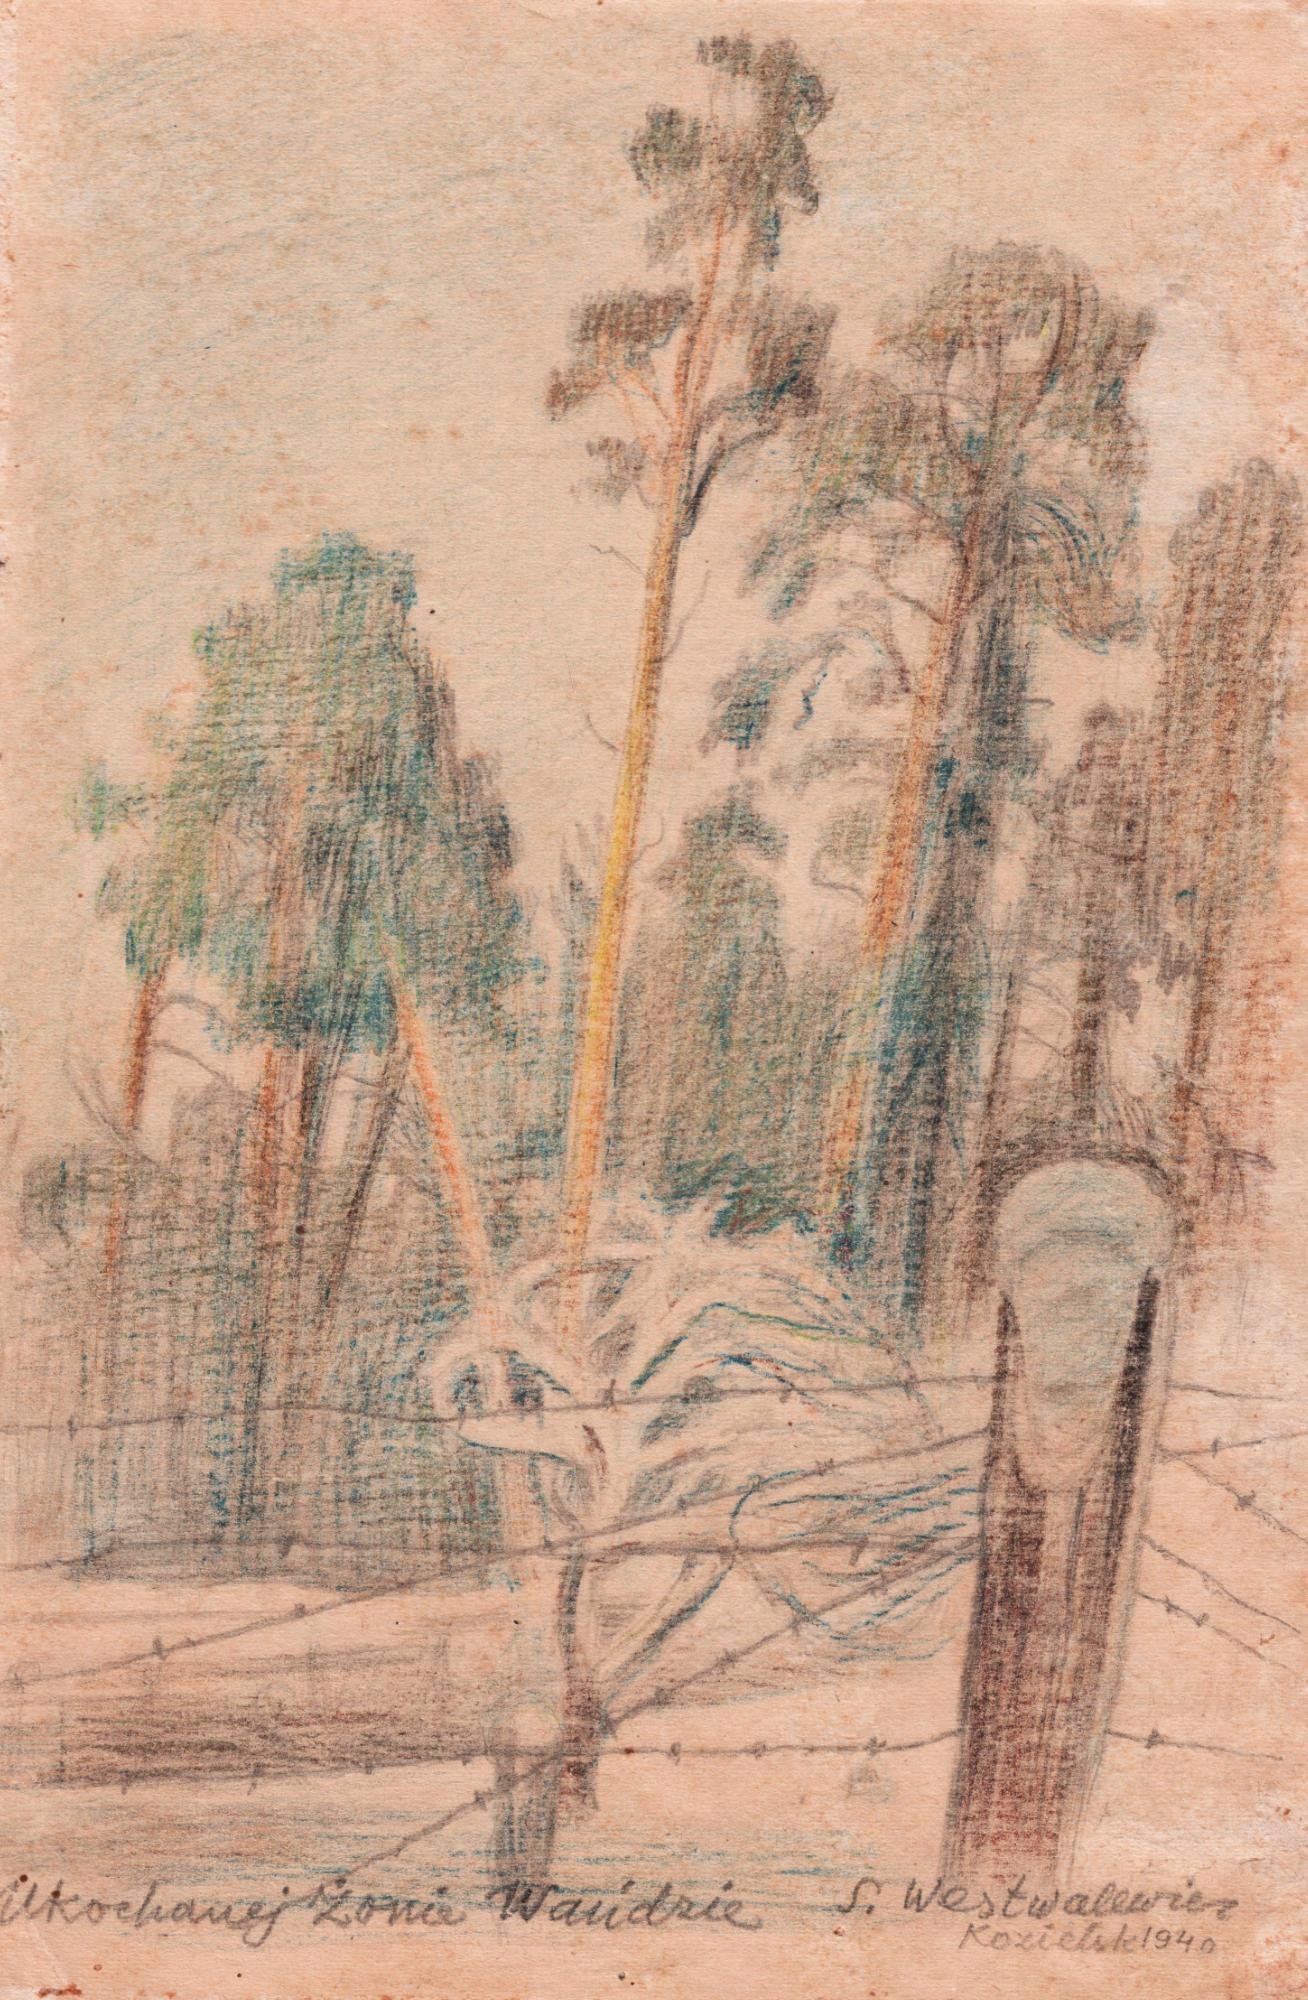 Rysunek przedstawiający sosny zaogrodzeniem zdrutu kolczastego. Stanisław Westwalewicz, Sosny, rys. kredkami, 1940